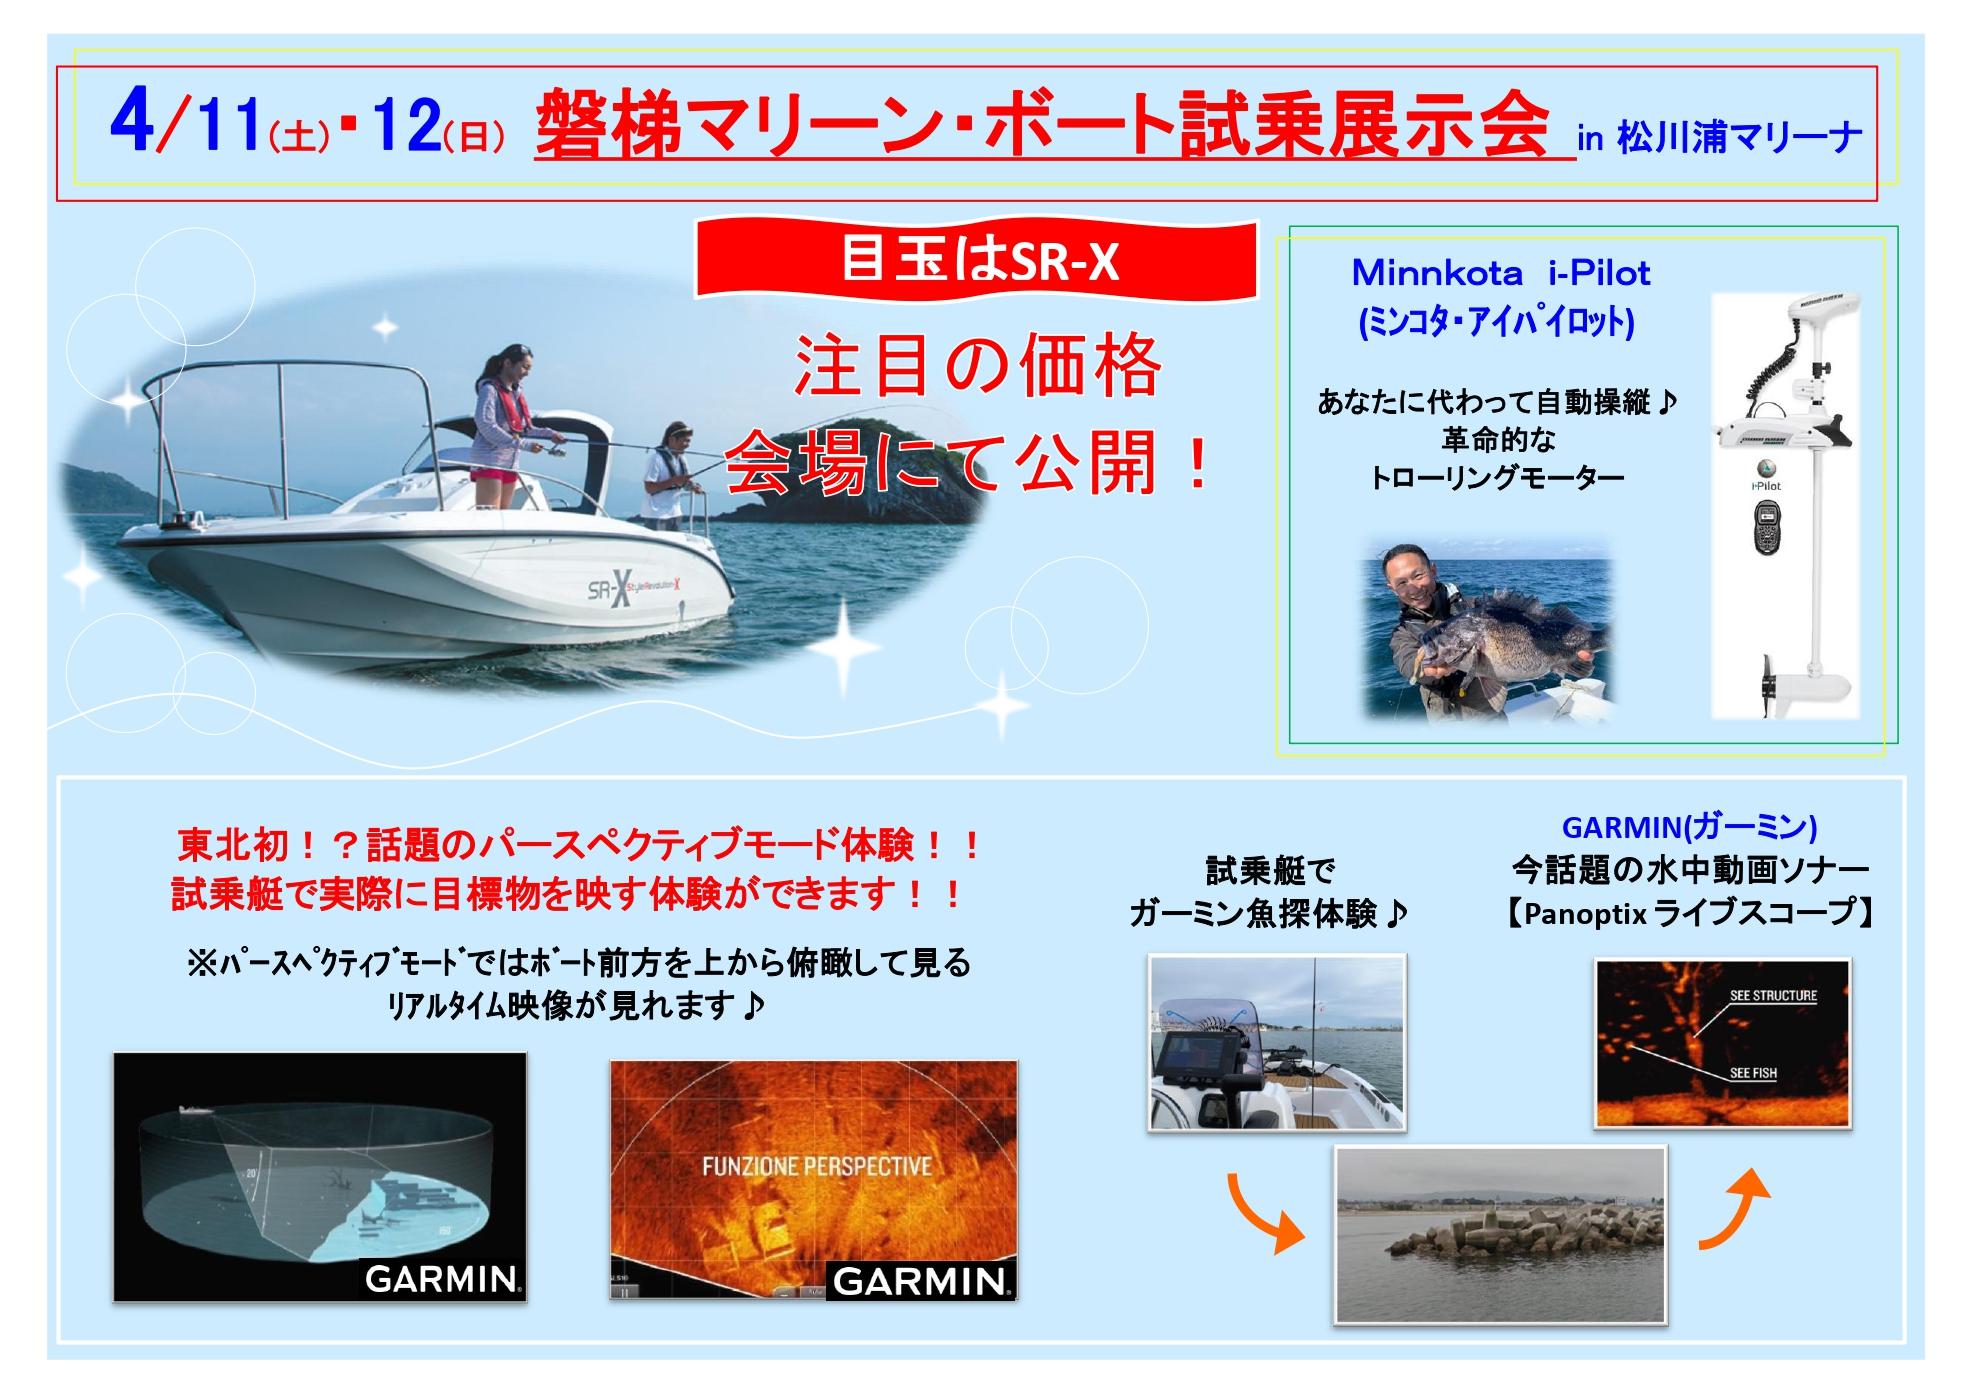 ★☆★磐梯マリーン・ボート試乗展示会in松川浦マリーナ★☆★